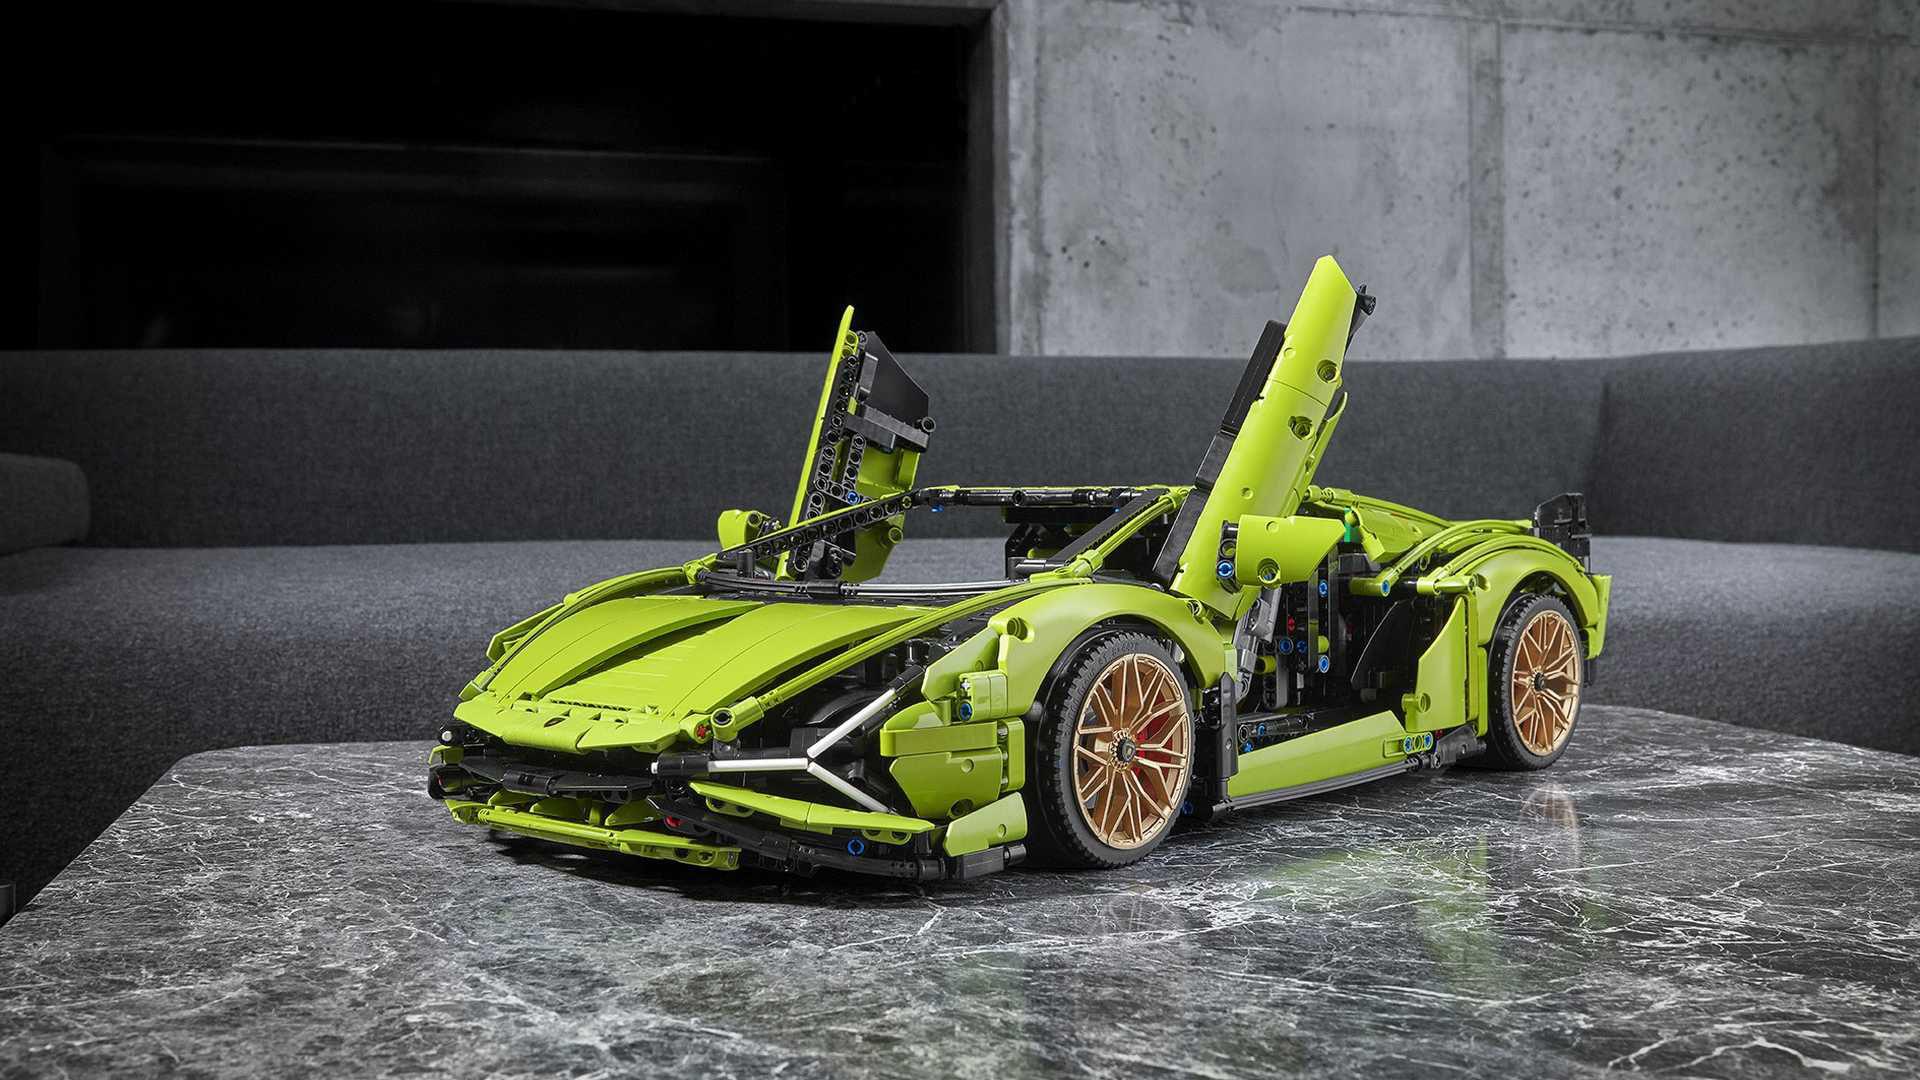 Lamborghini Sián FKP 37 nu i Lego-form